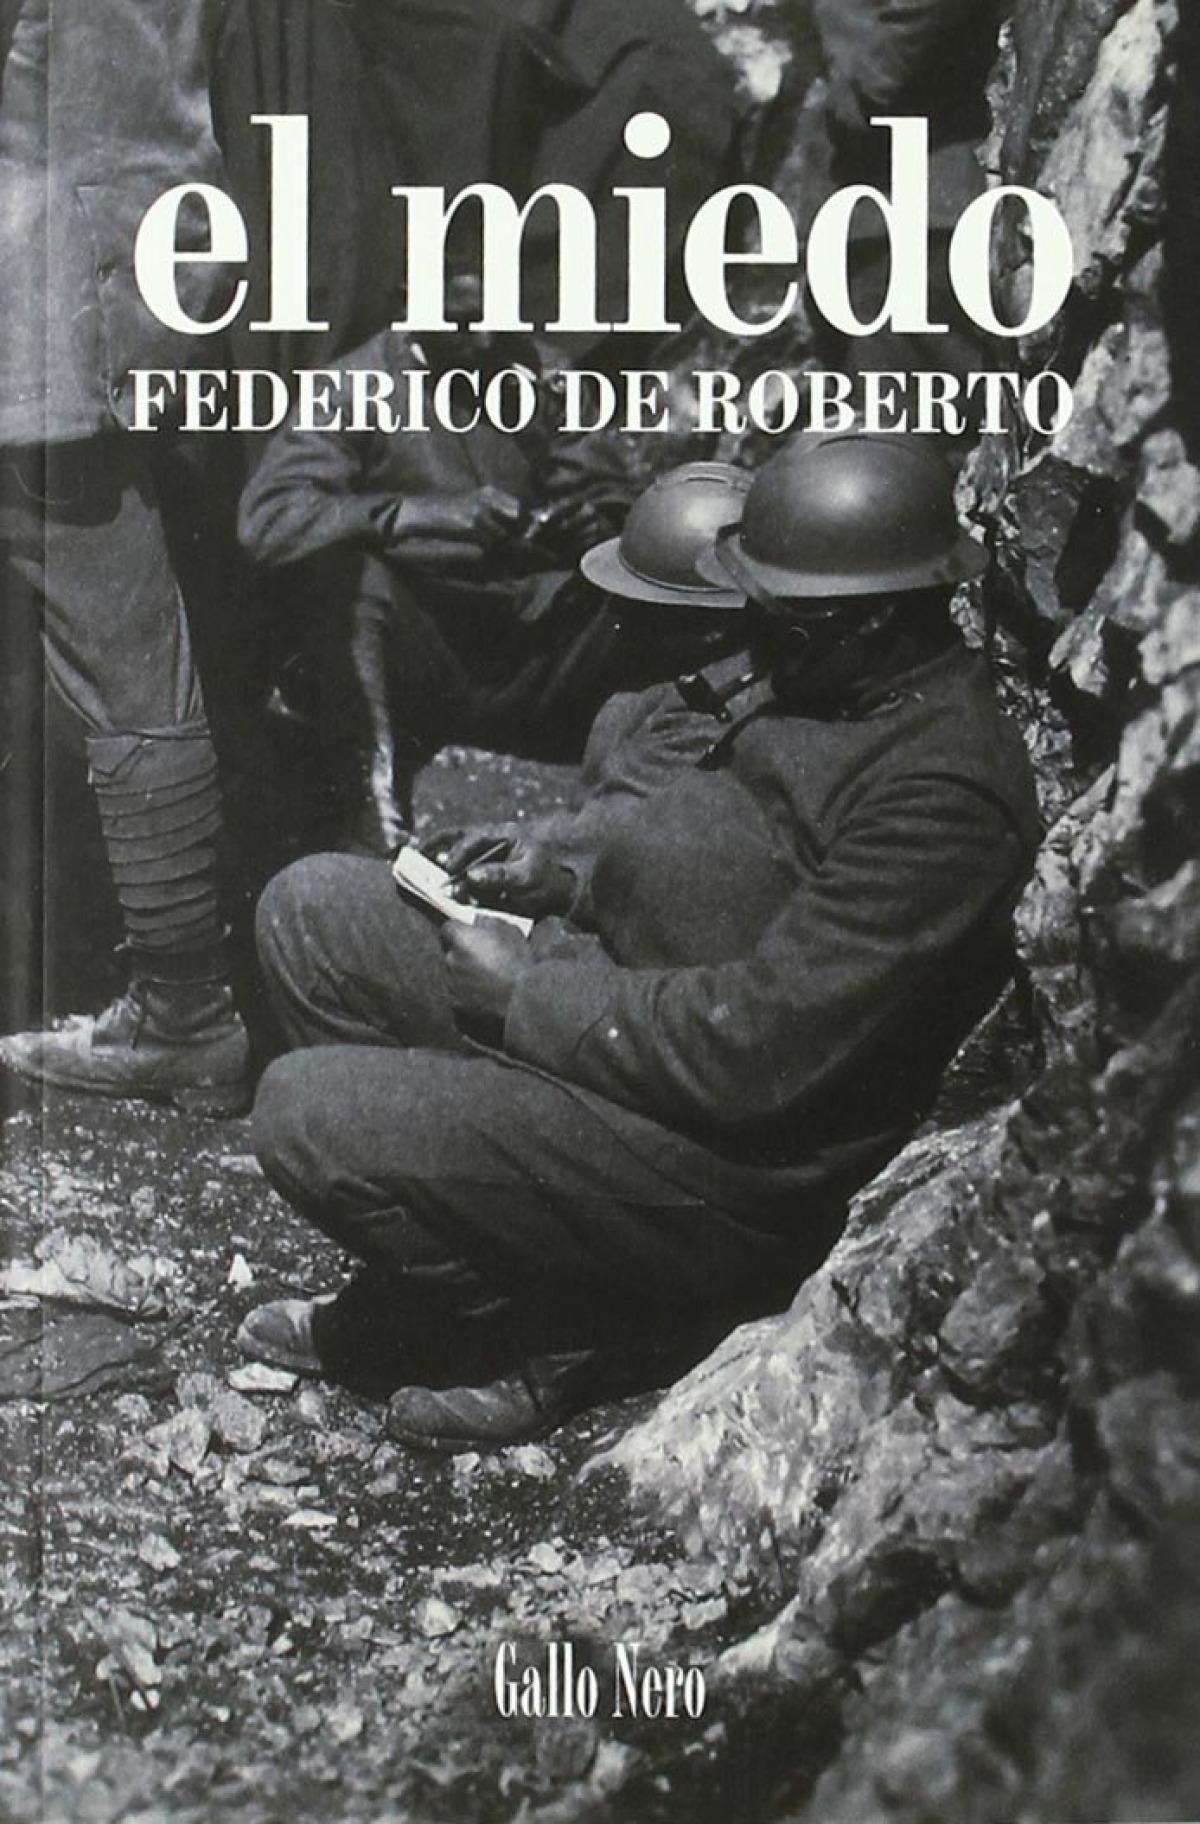 Miedo piccola-1 - De Roberto, Federico